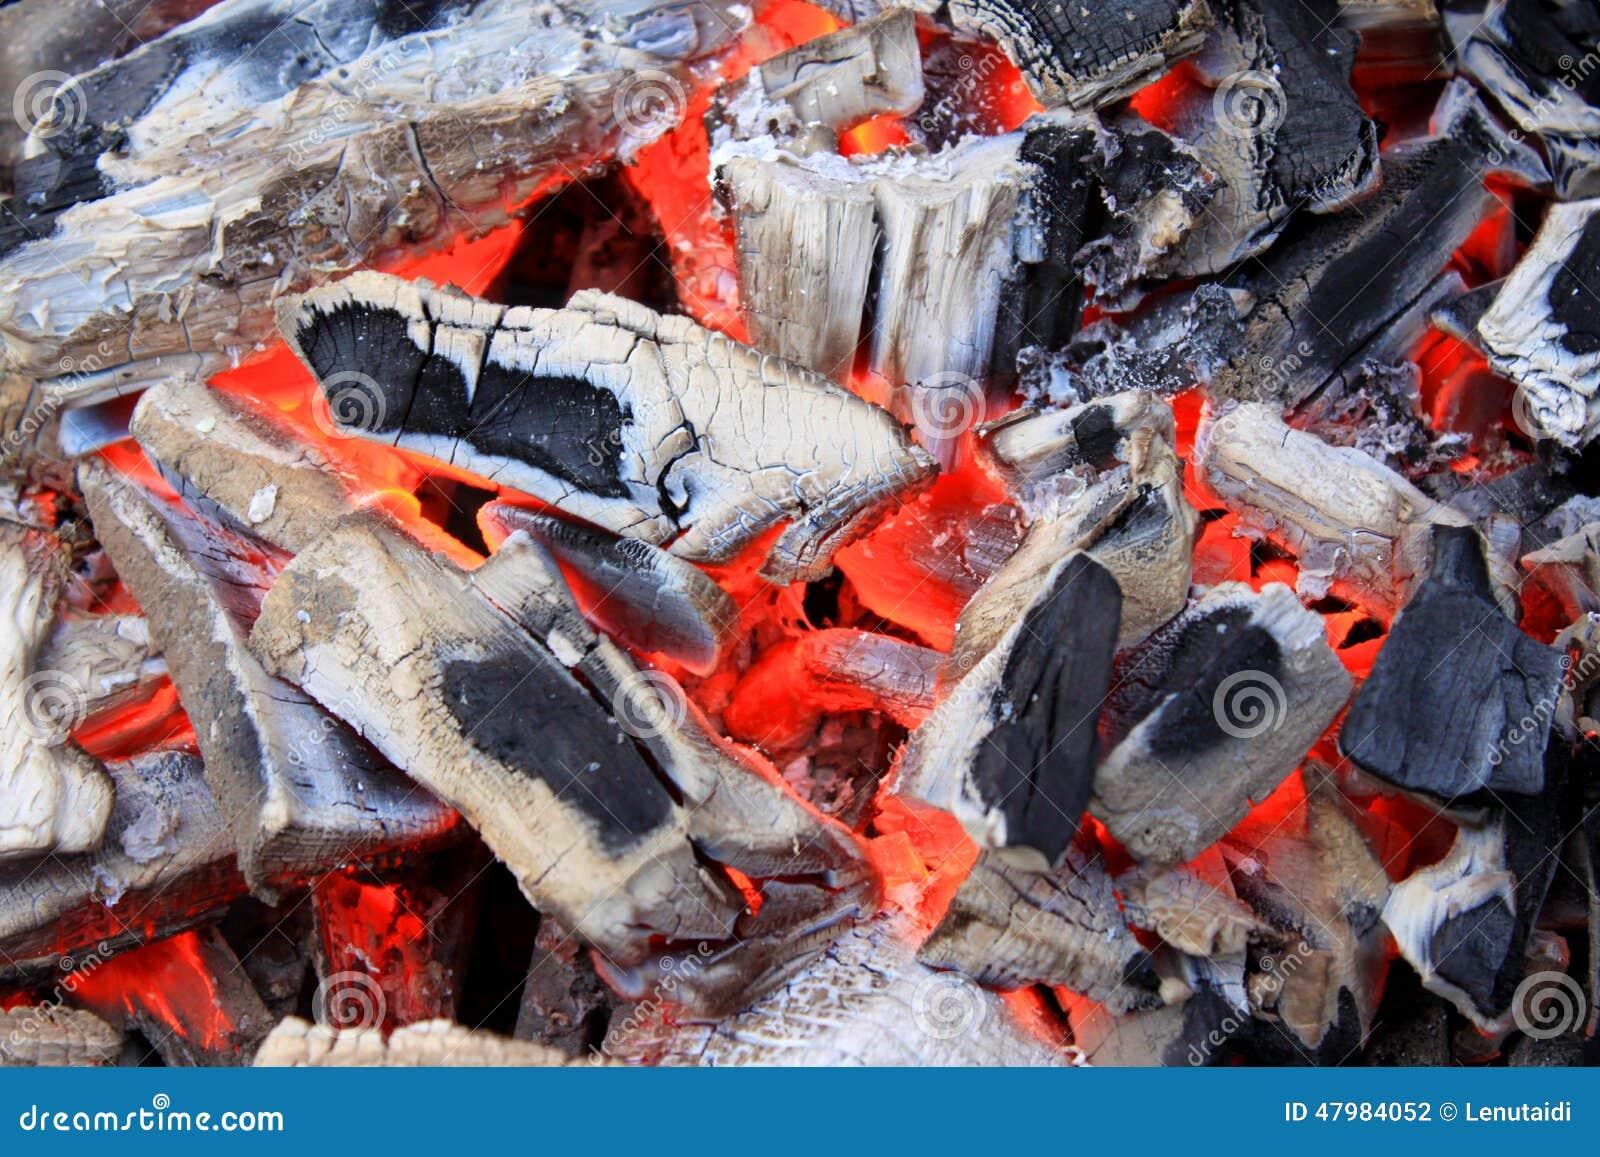 Glowing coals